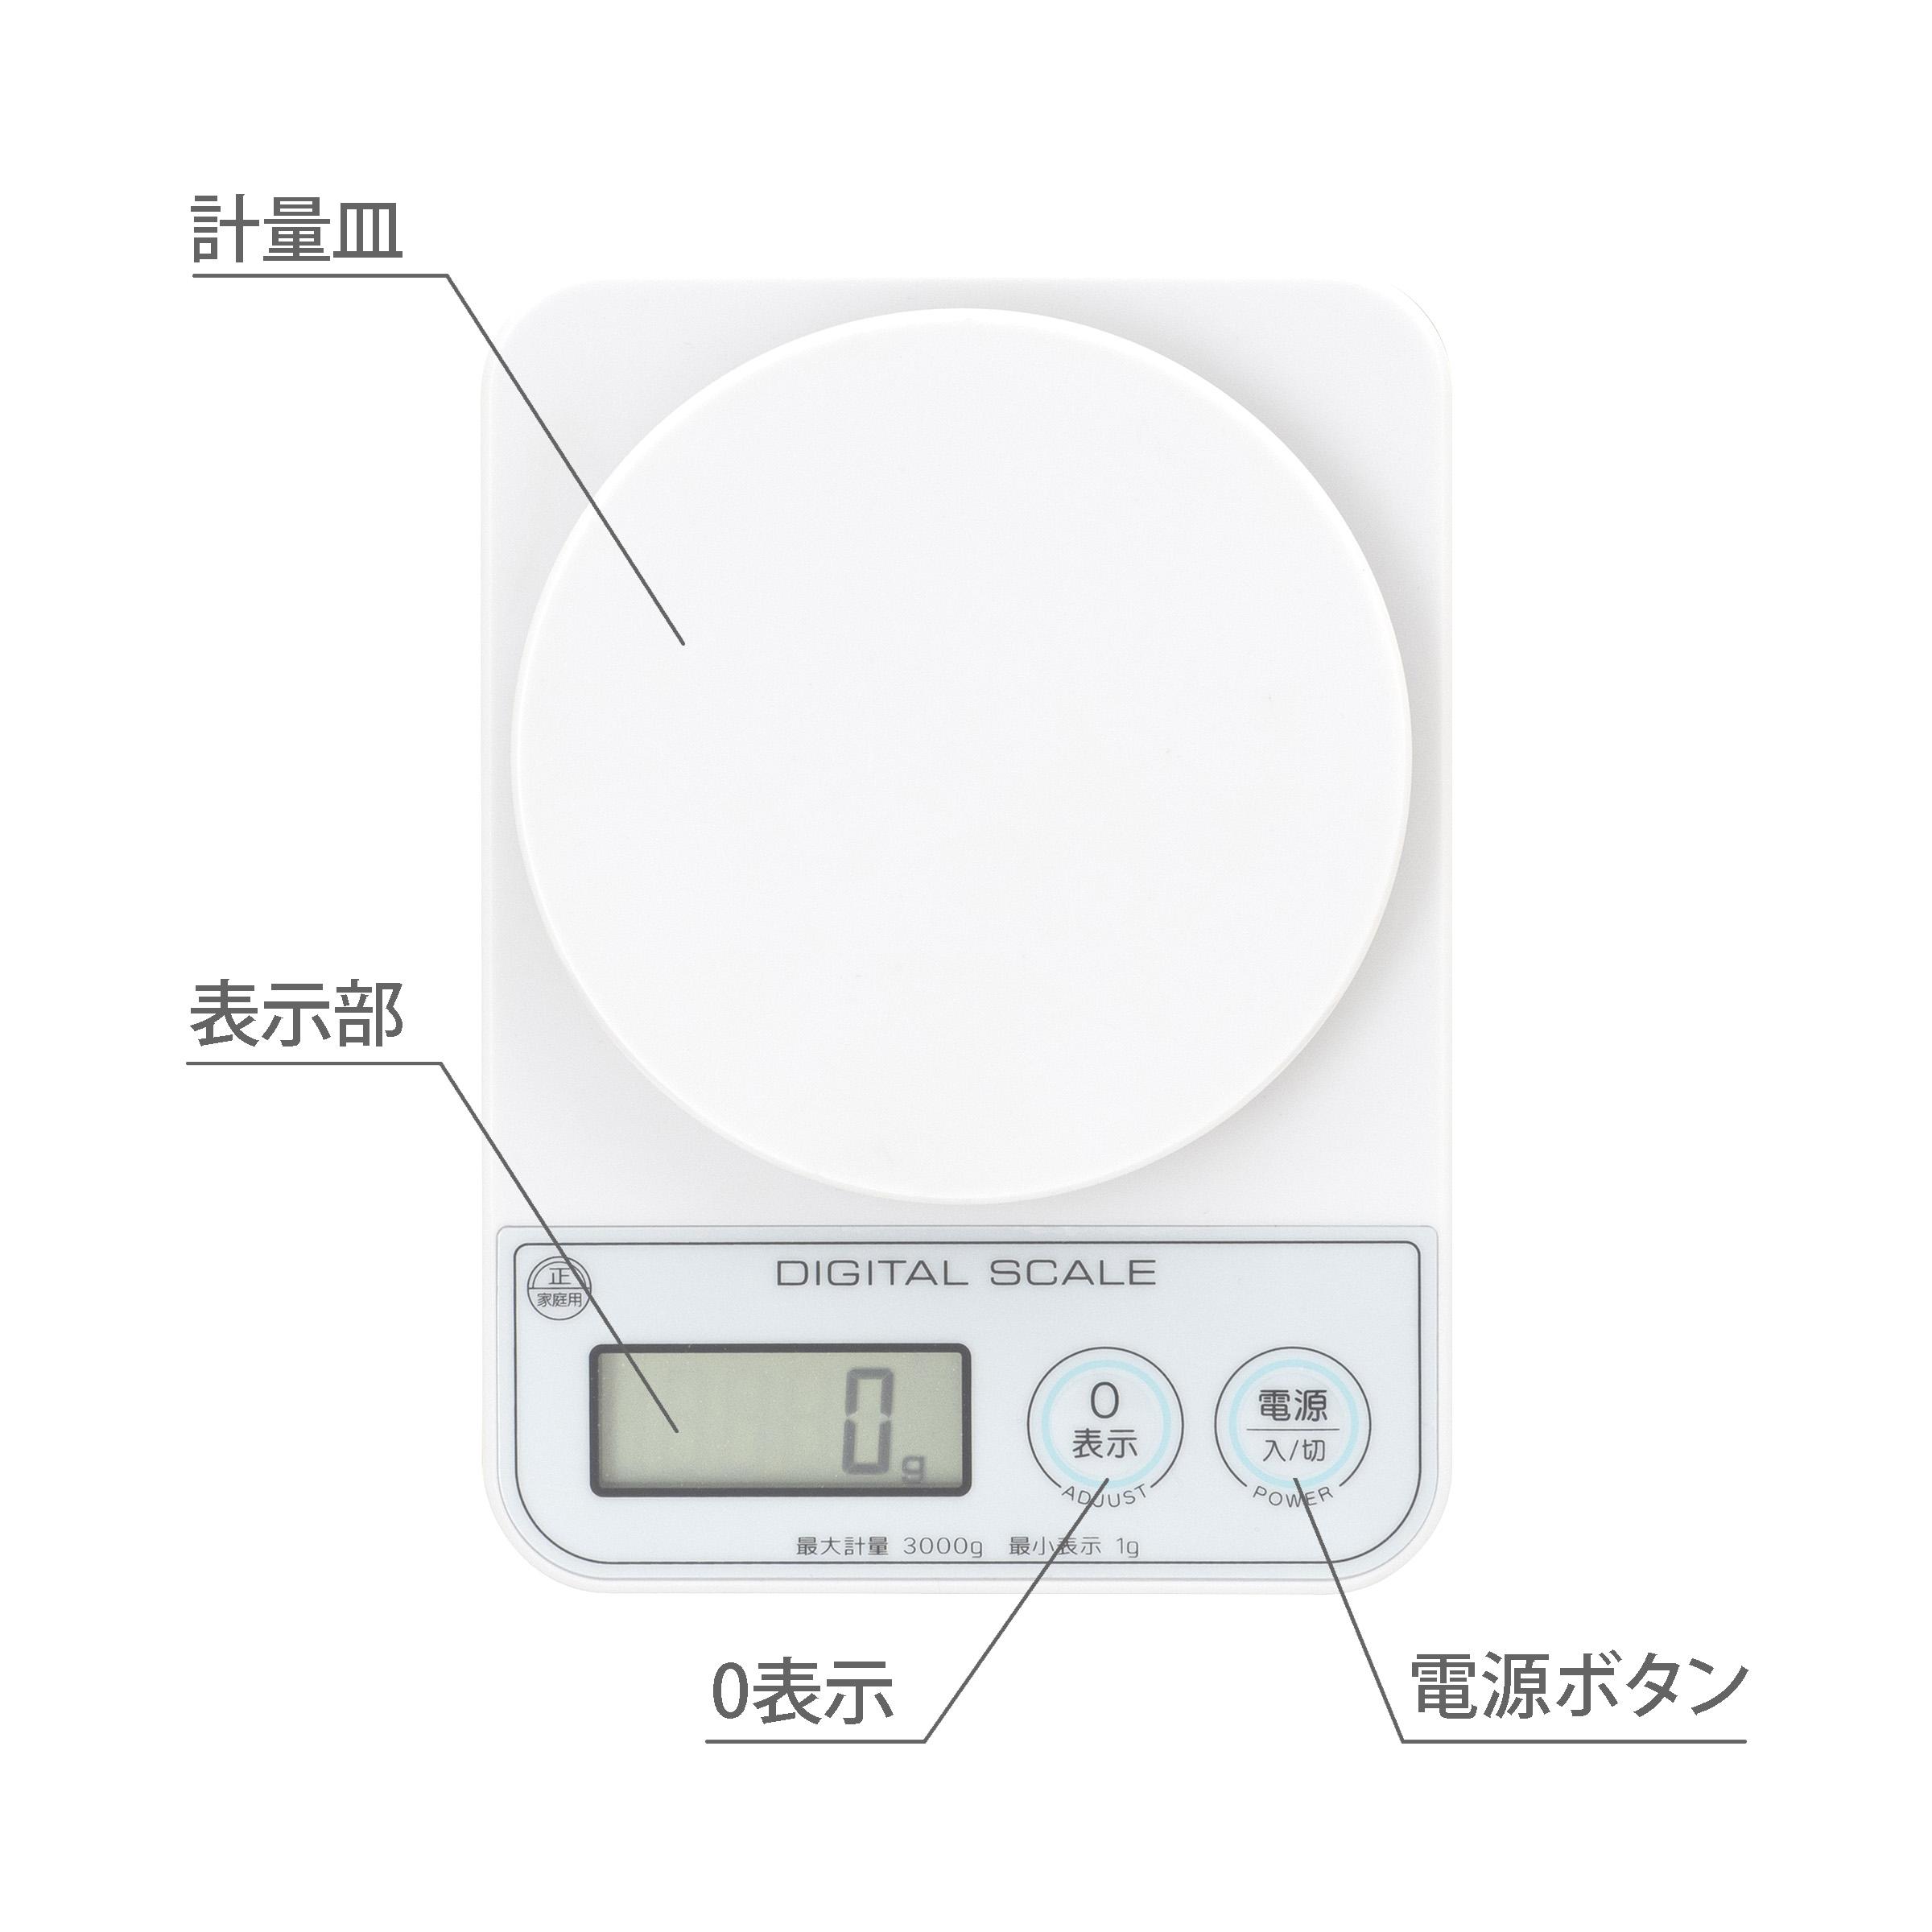 デジタルスケール 3kg image02